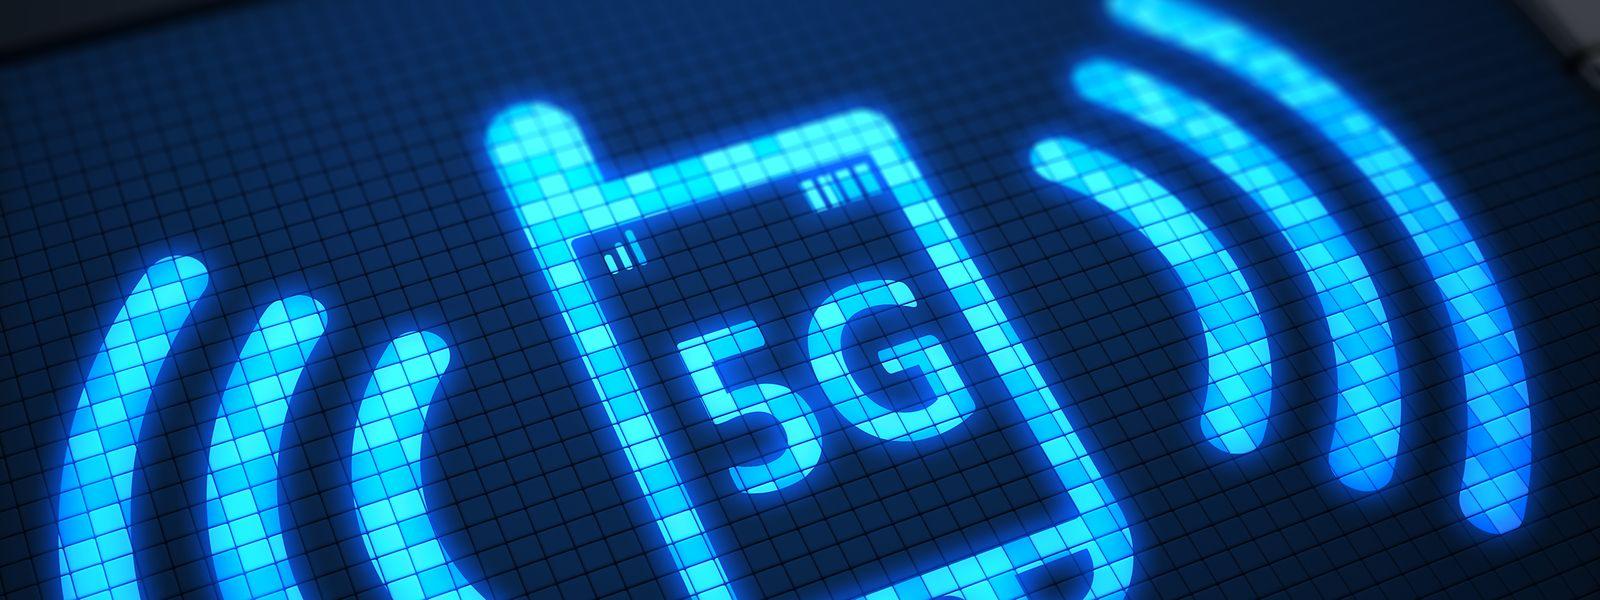 Deux pétitions concernent actuellement la technologie 5G et ont recueilli plus de 10.000 signatures.